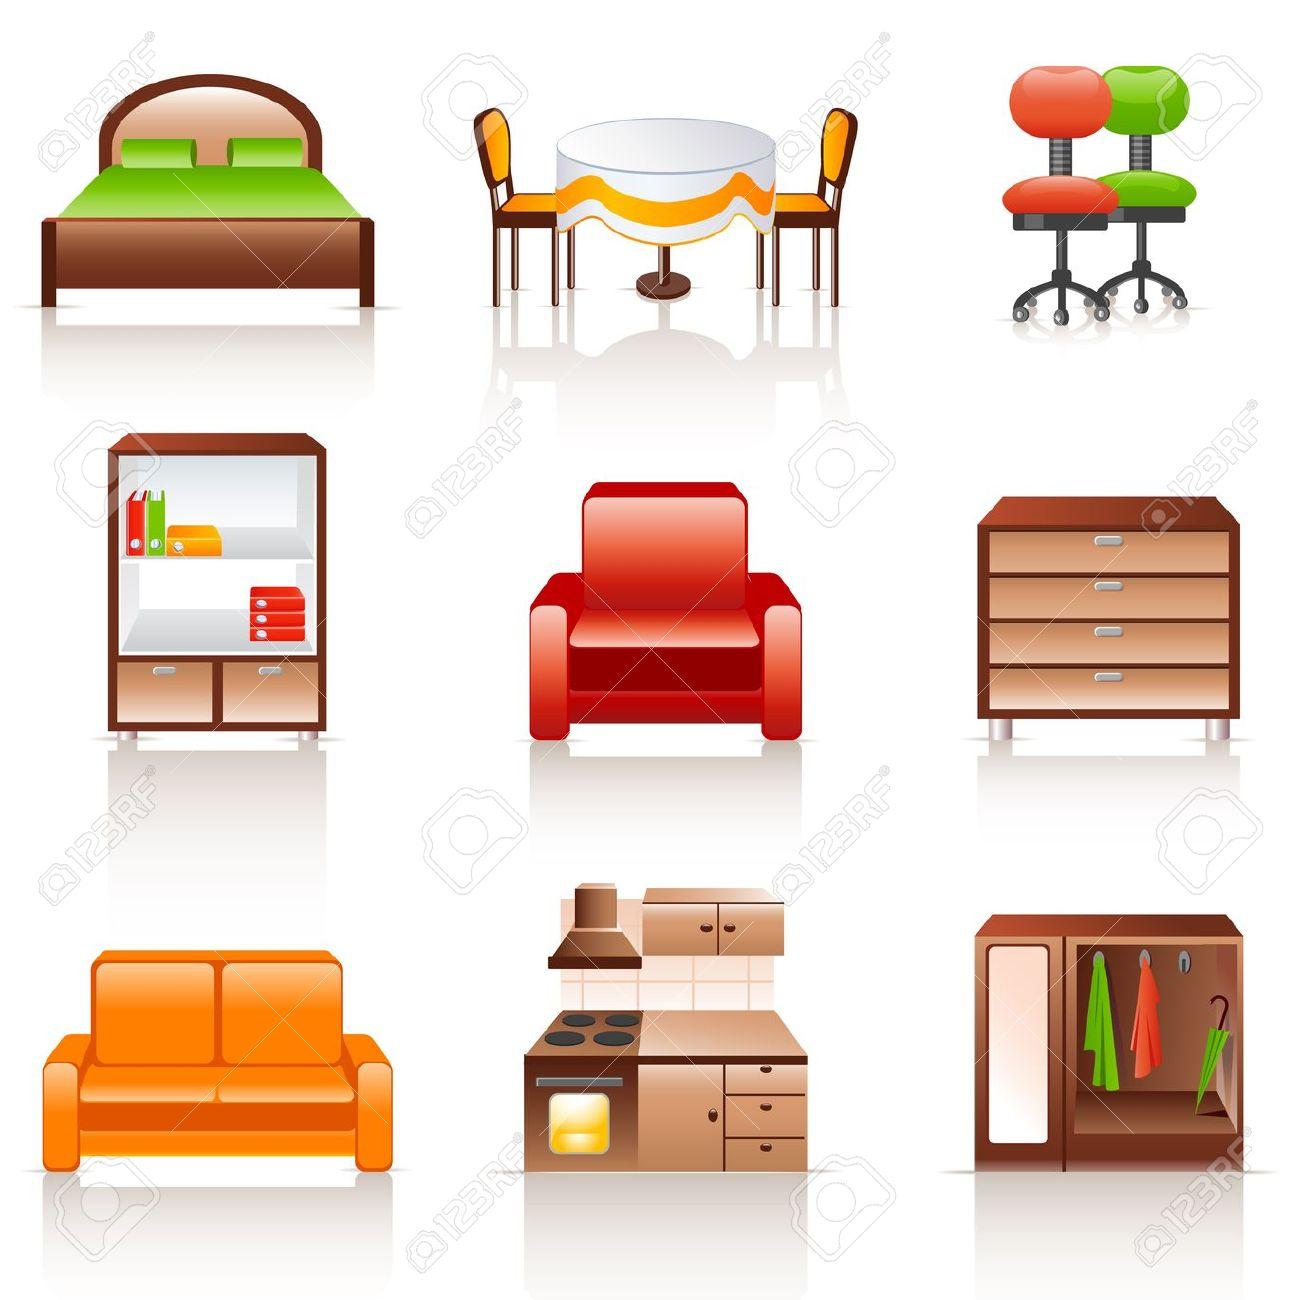 Interior Furniture Clipart